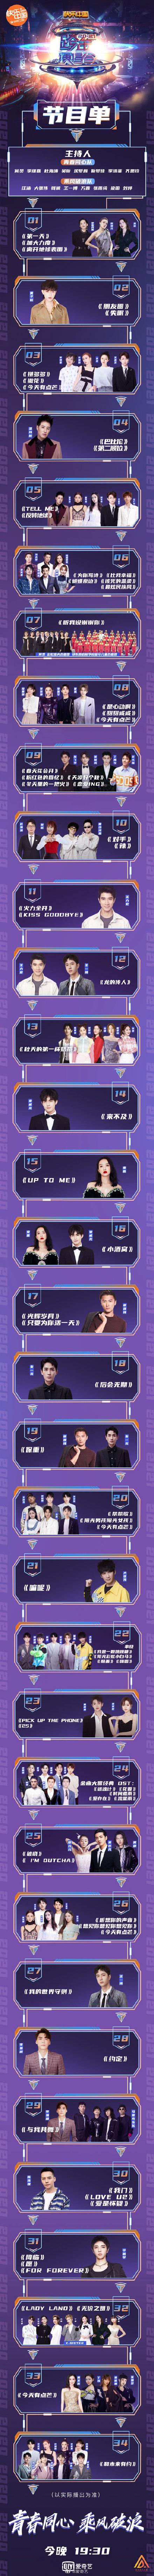 2021湖南卫视跨年演唱会节目单 湖南卫视跨年节目单完整版